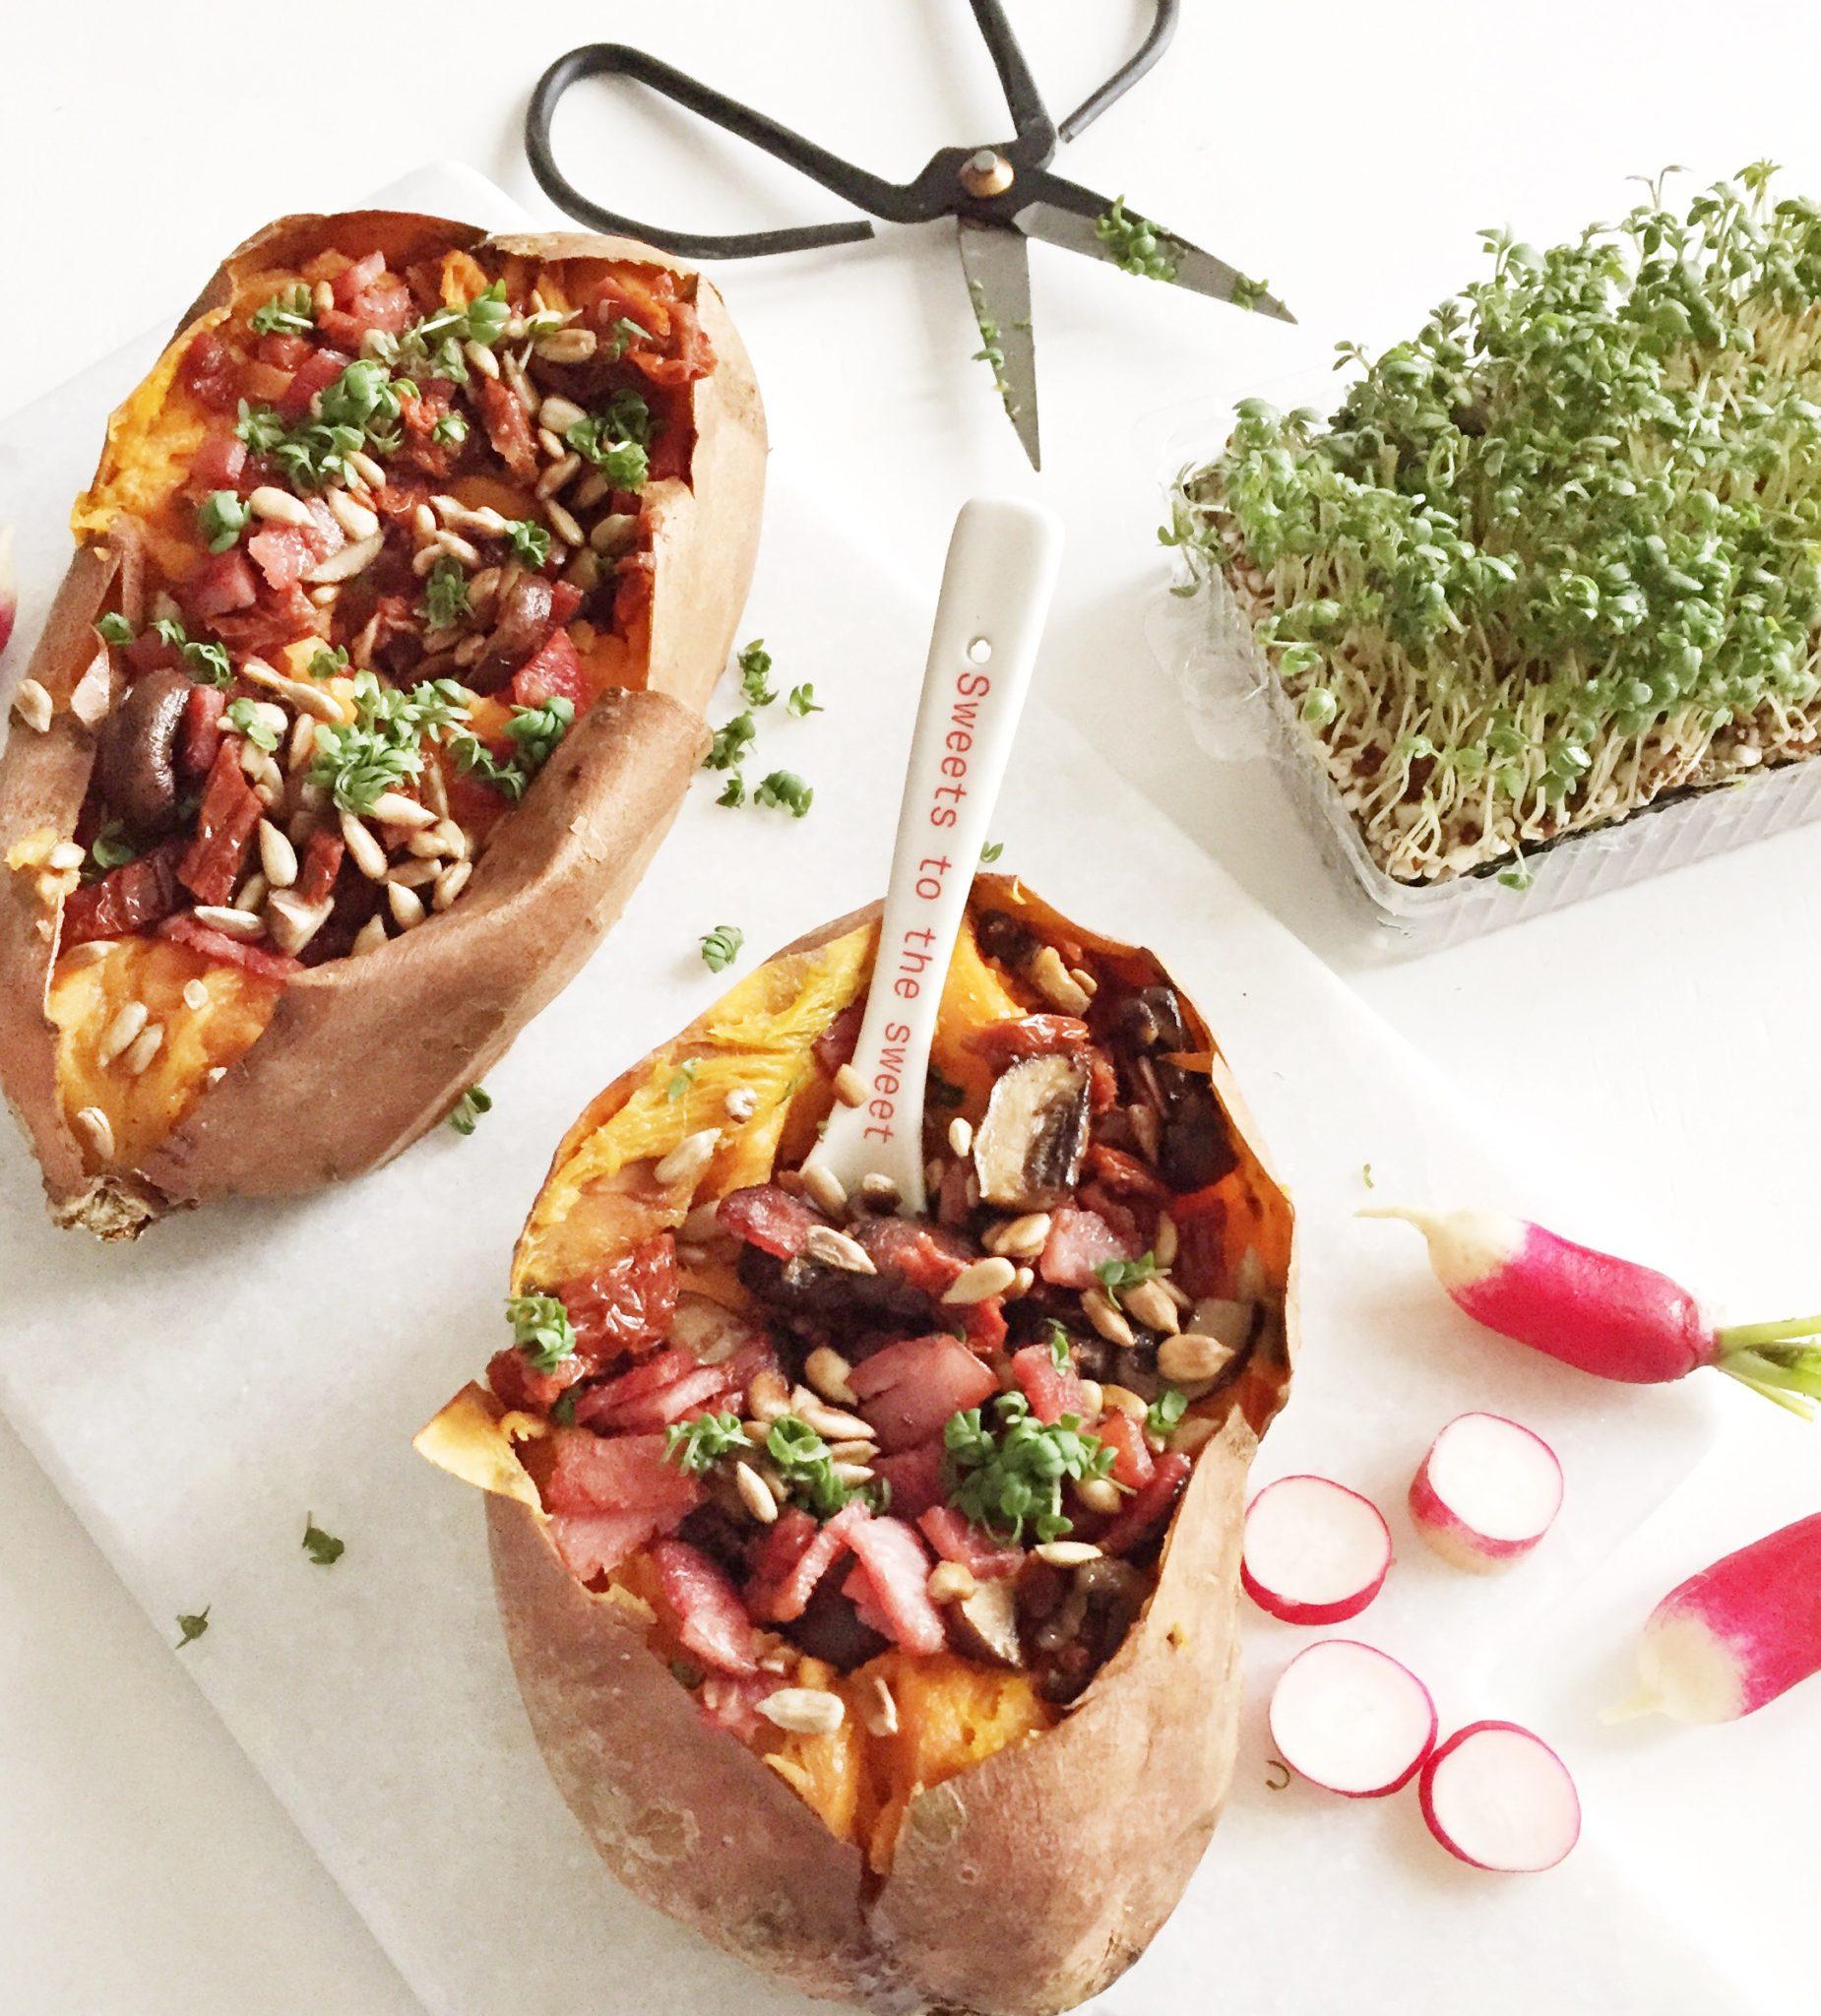 Sund tilbehør; bagte søde kartofler med fyld. Bacon og tomat og karse. To stk samt saks frs Nicolas Vahé